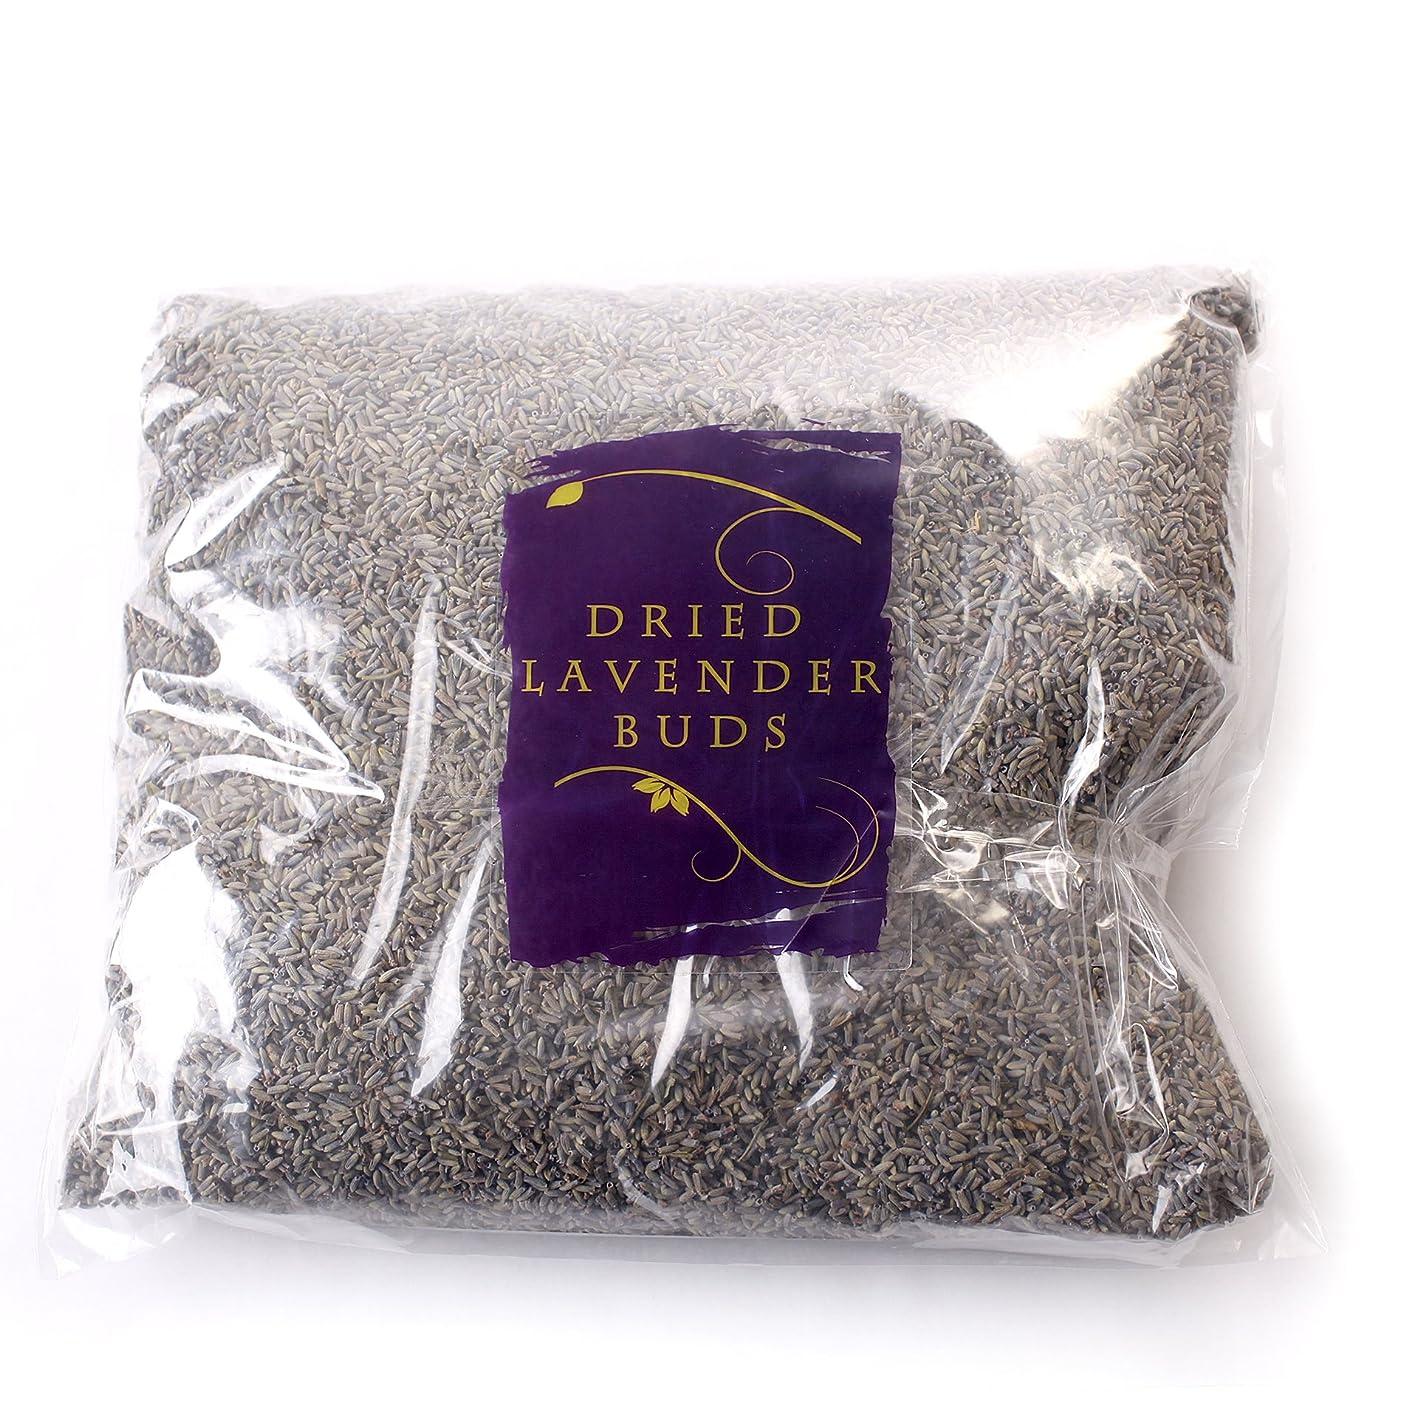 沿ってステレオタイプ大惨事Dried Lavender Buds - 500g